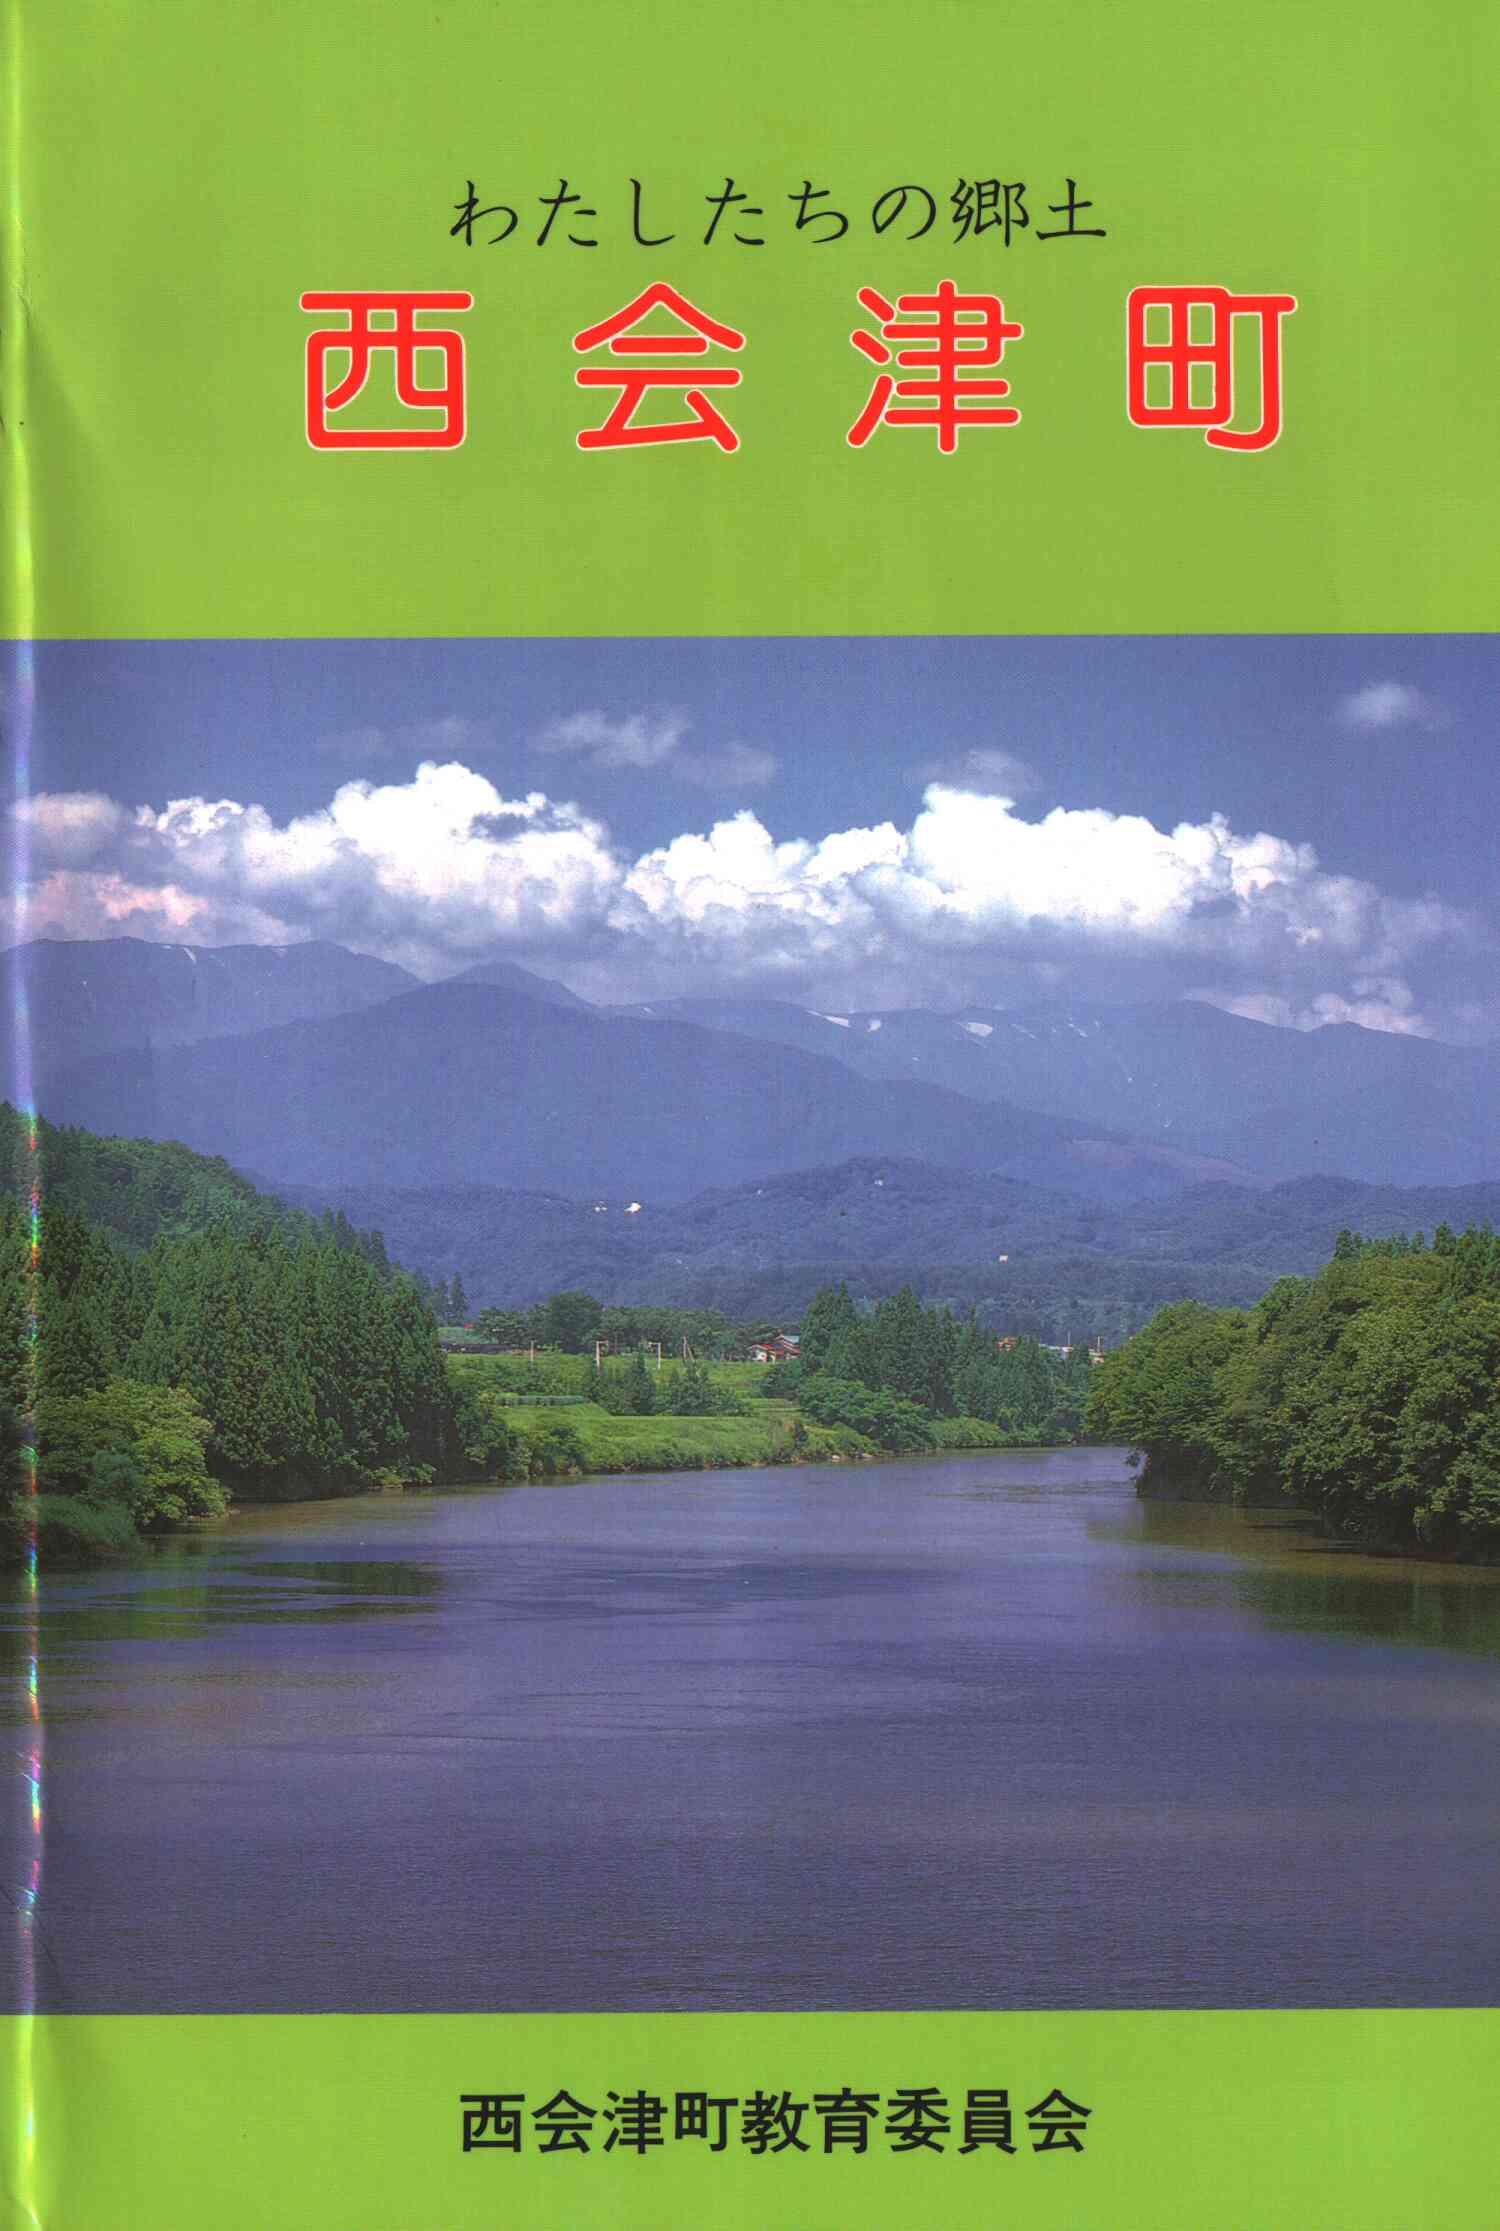 わたしたちの郷土 西会津町 -000/122page